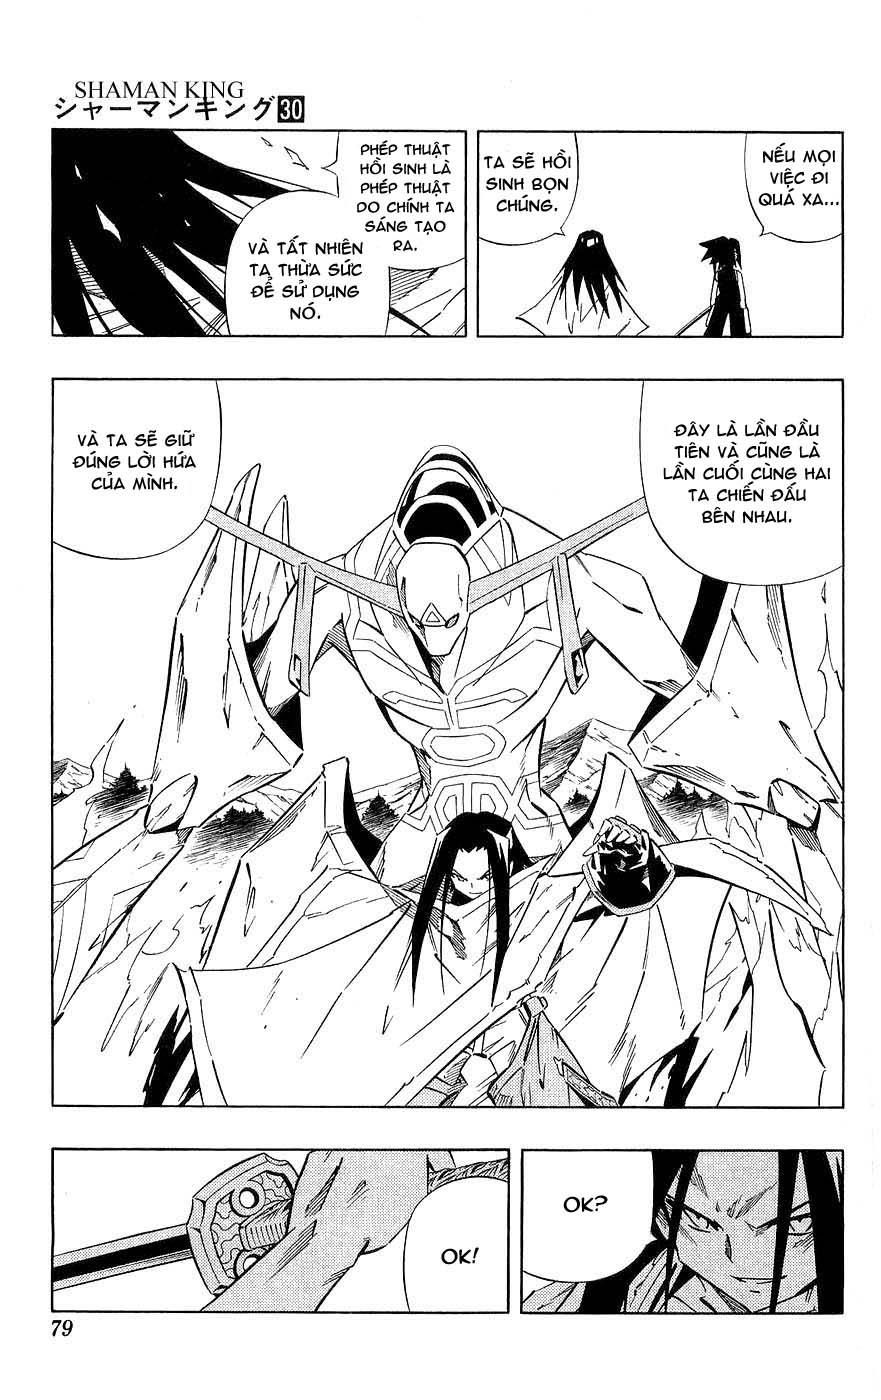 Shaman King [Vua pháp thuật] chap 261 trang 9